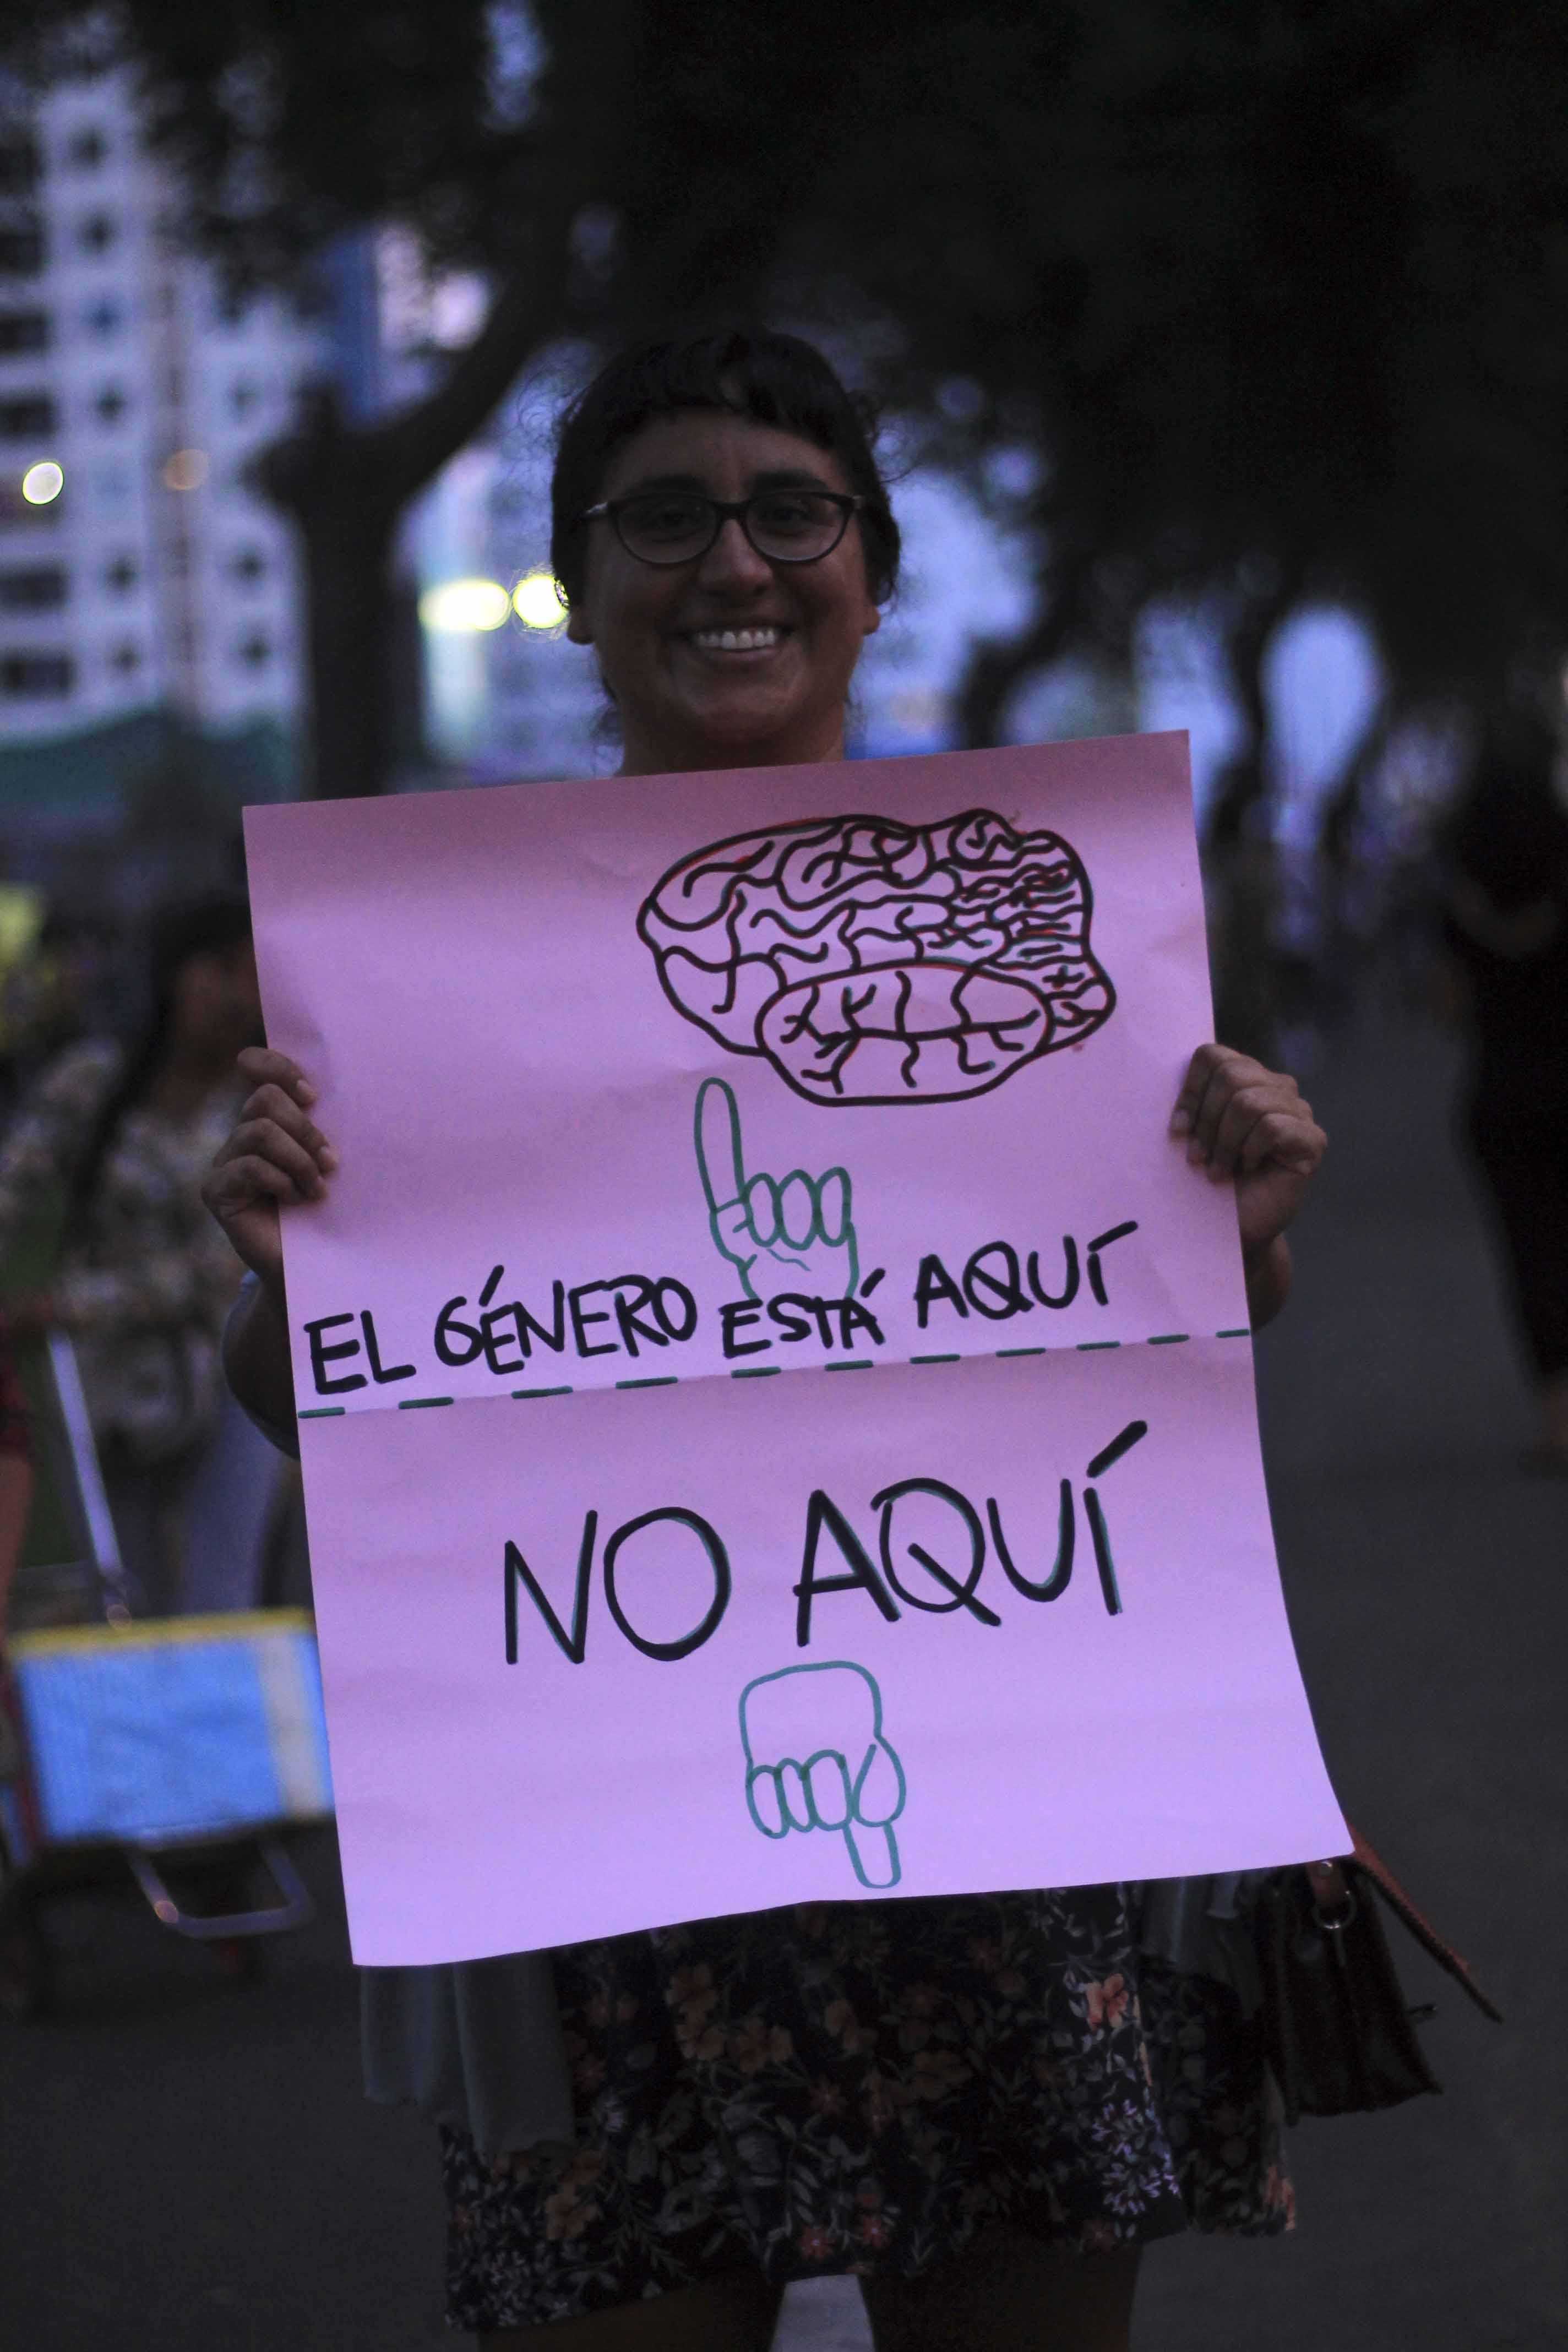 FOTOGALERÍA: Marcha por la igualdad de género